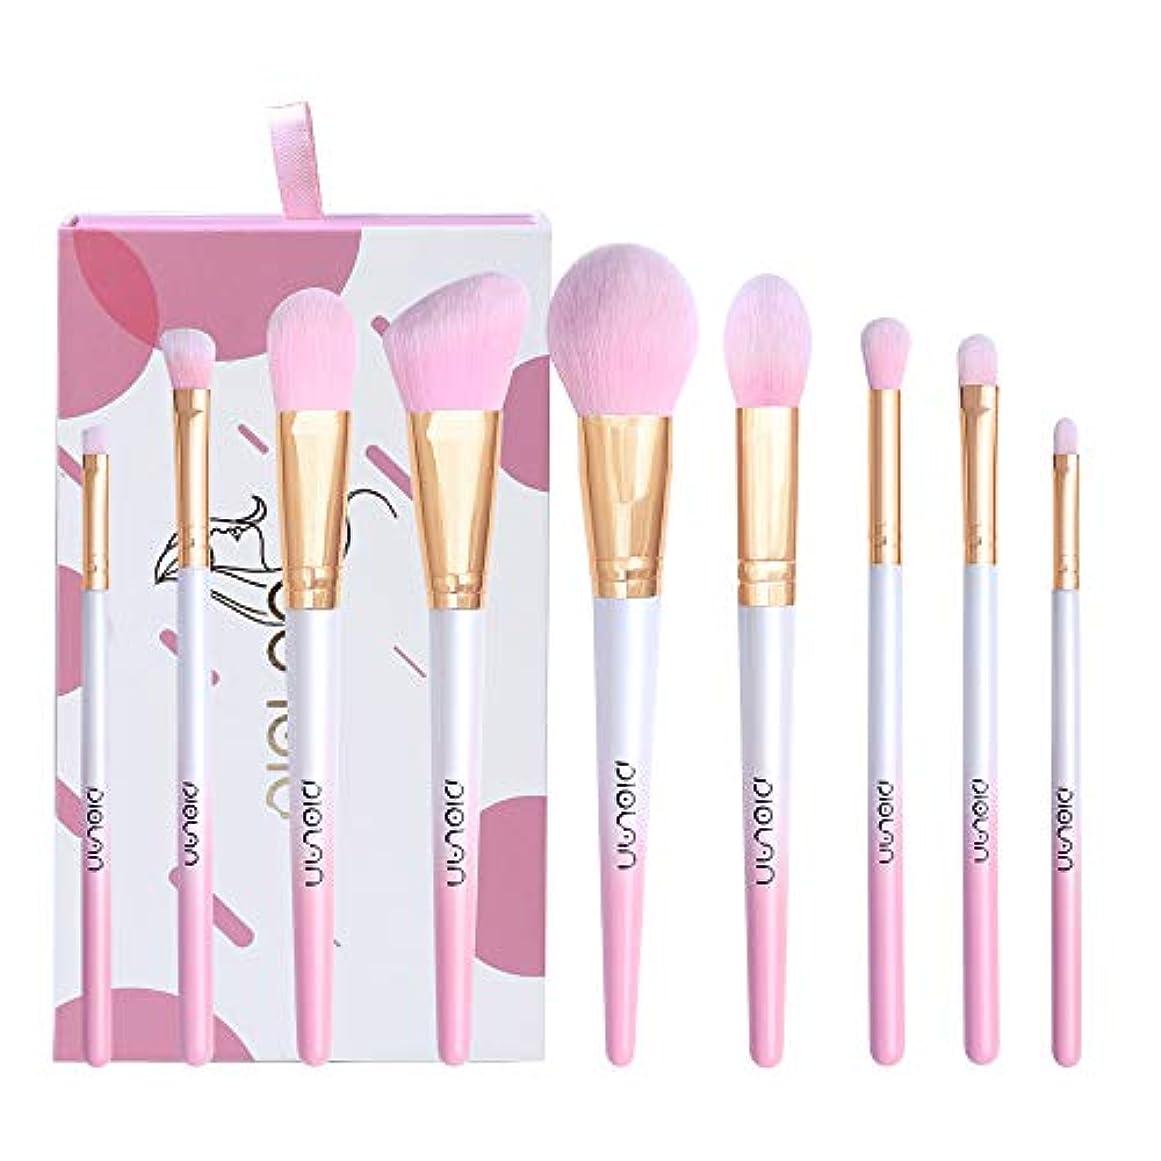 激怒スケルトントラフDiolan メイクブラシ 化粧ブラシセット 高級タクロン 超柔らかい 9本セット (桜のピンク)